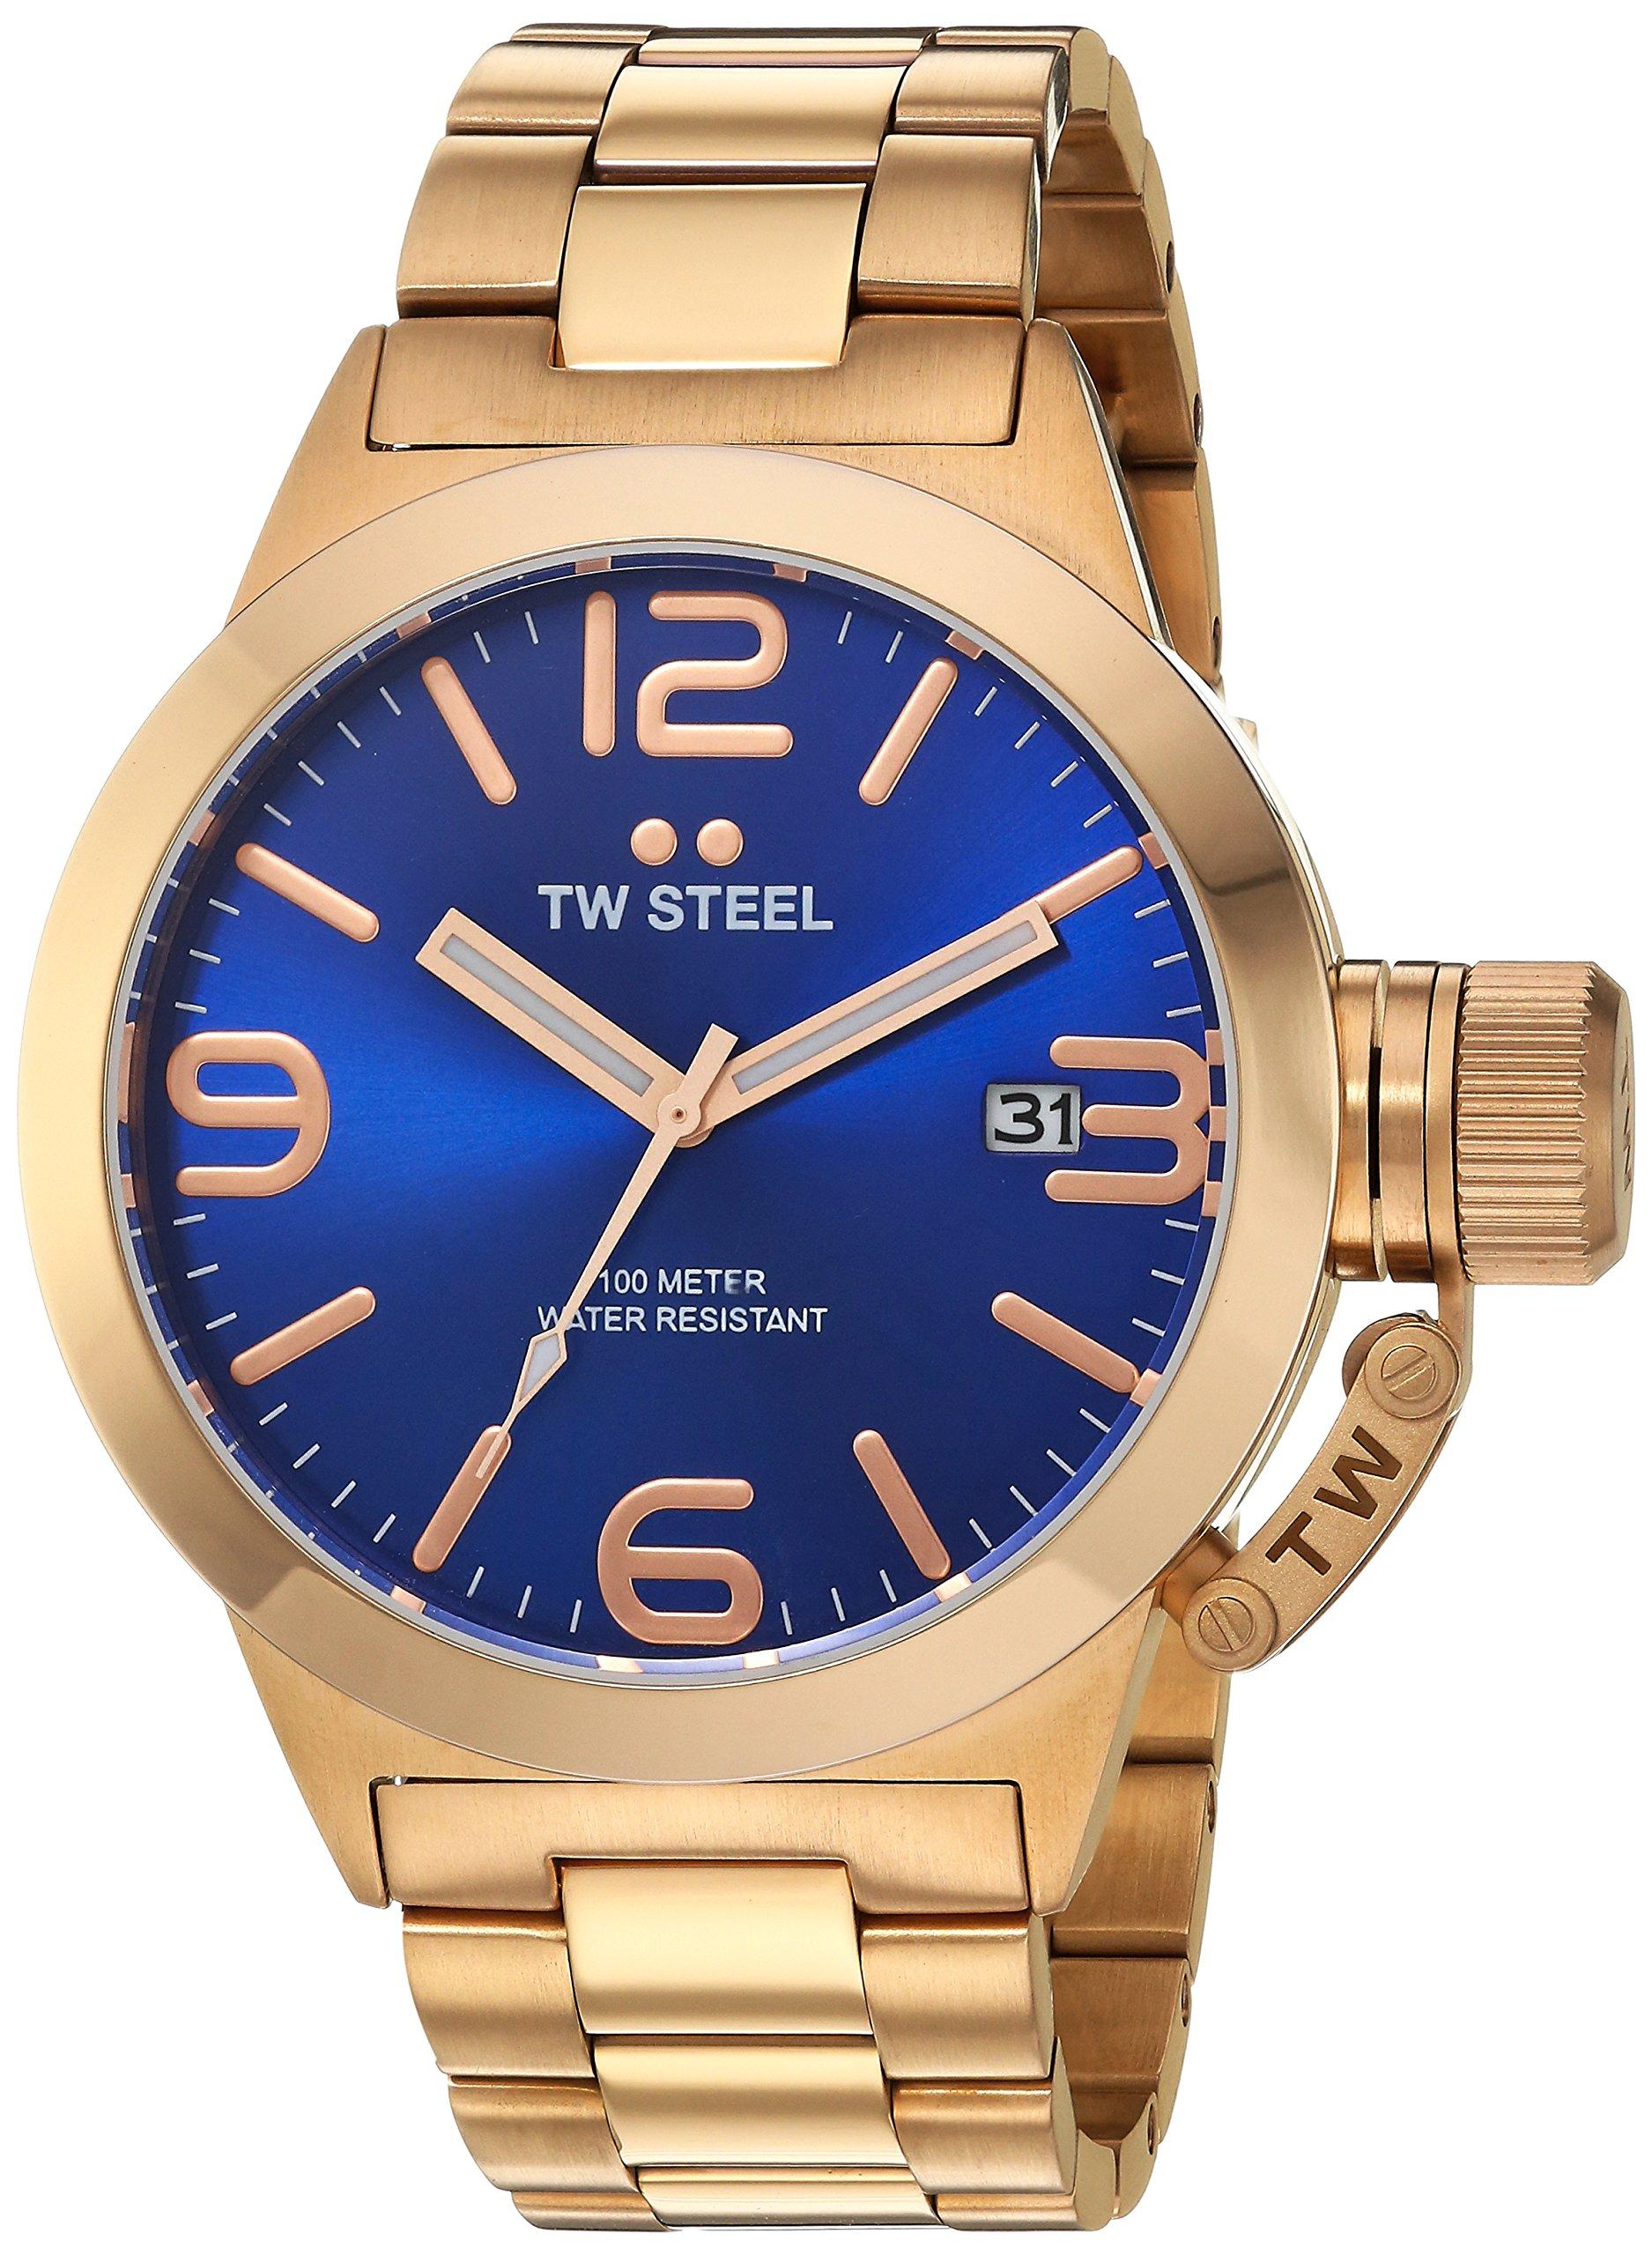 Unisex-Quarzuhr-Canteen-von-TW-Steel-mit-blauem-Zifferblatt-Analoganzeige-und-silbernem-rotgoldenen-Armband